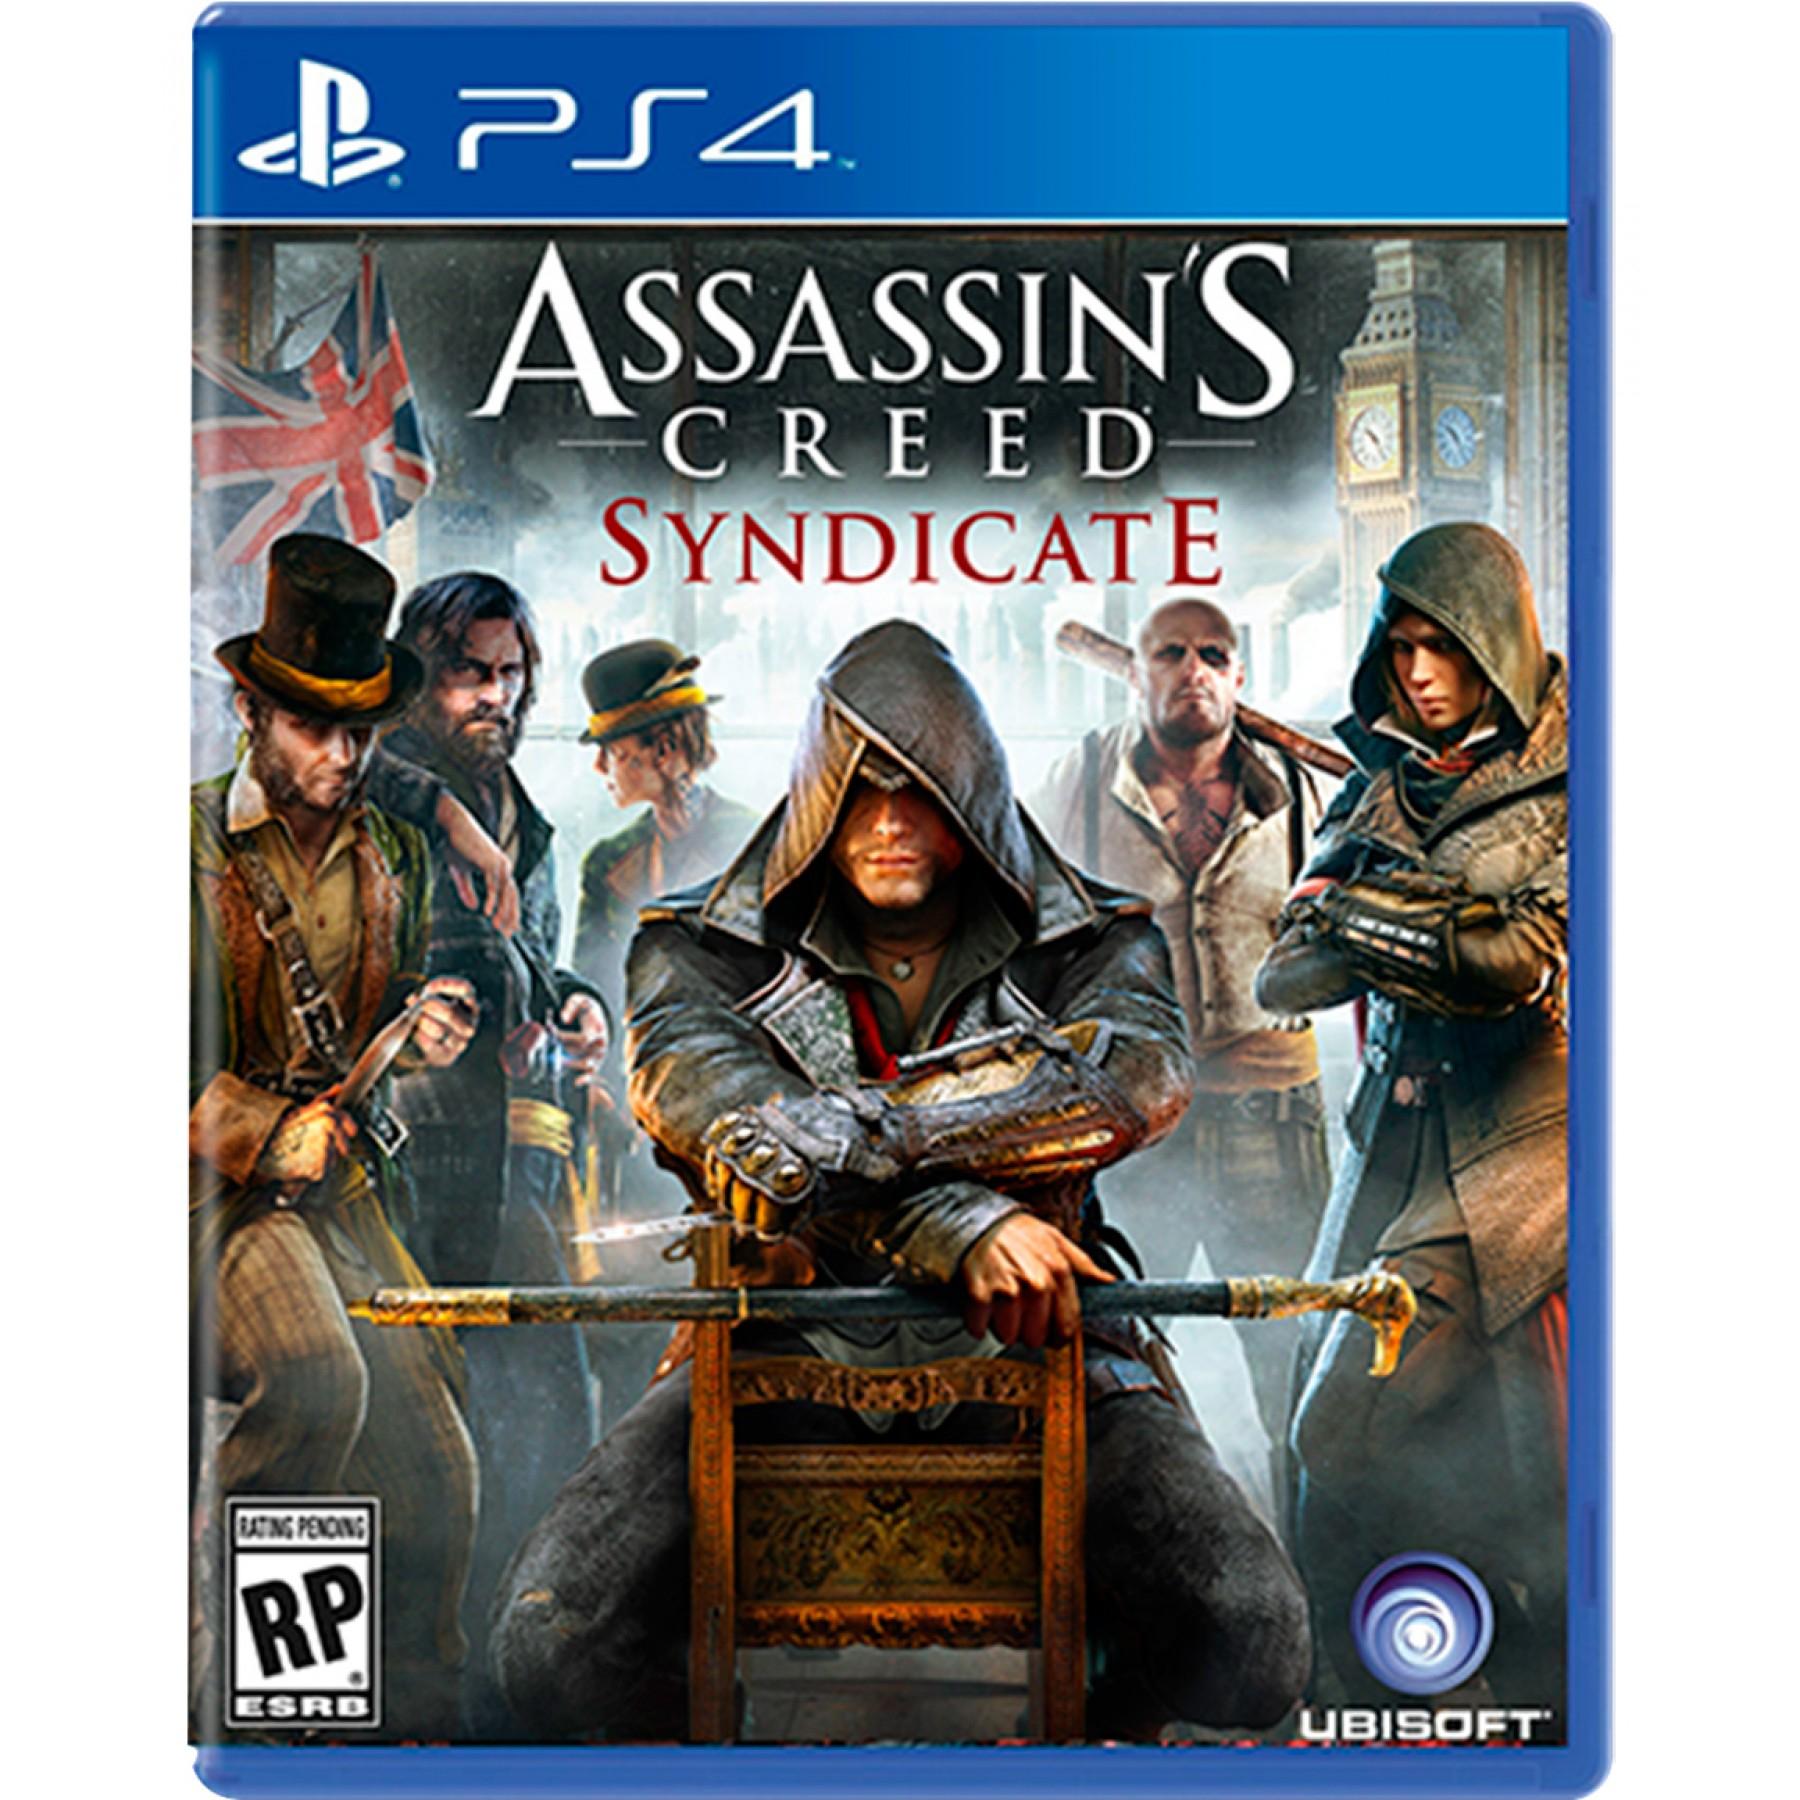 Palacio de Hierro en línea: Assassin's Creed Syndicate para Playstation 4 a $420